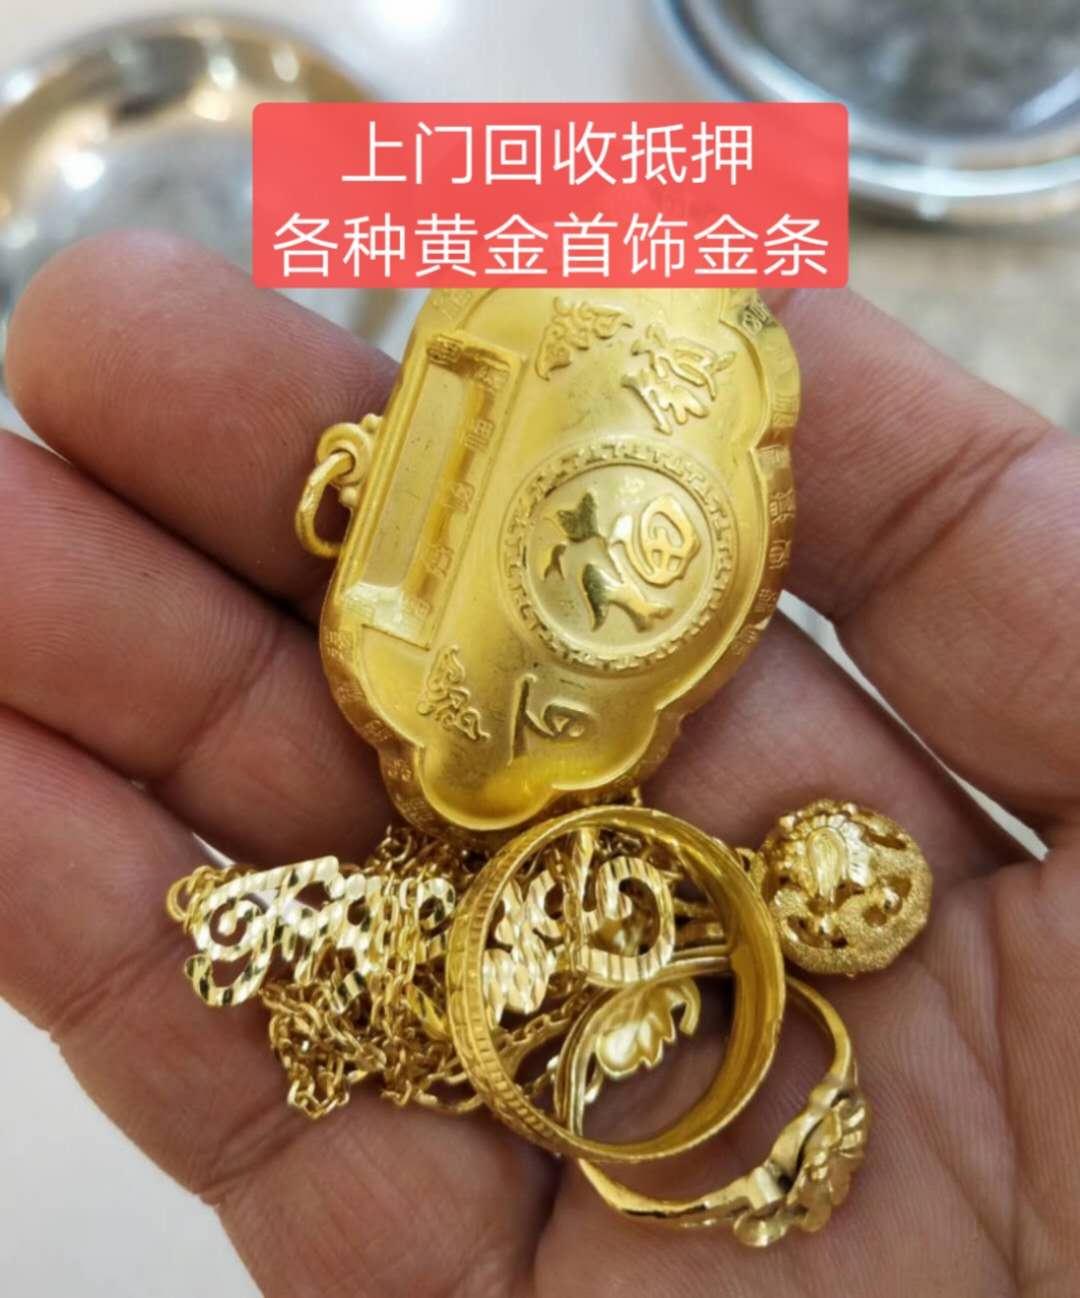 邯郸市回收祖传黄金多少钱一克?邯郸市旧黄金回收价格怎么查询